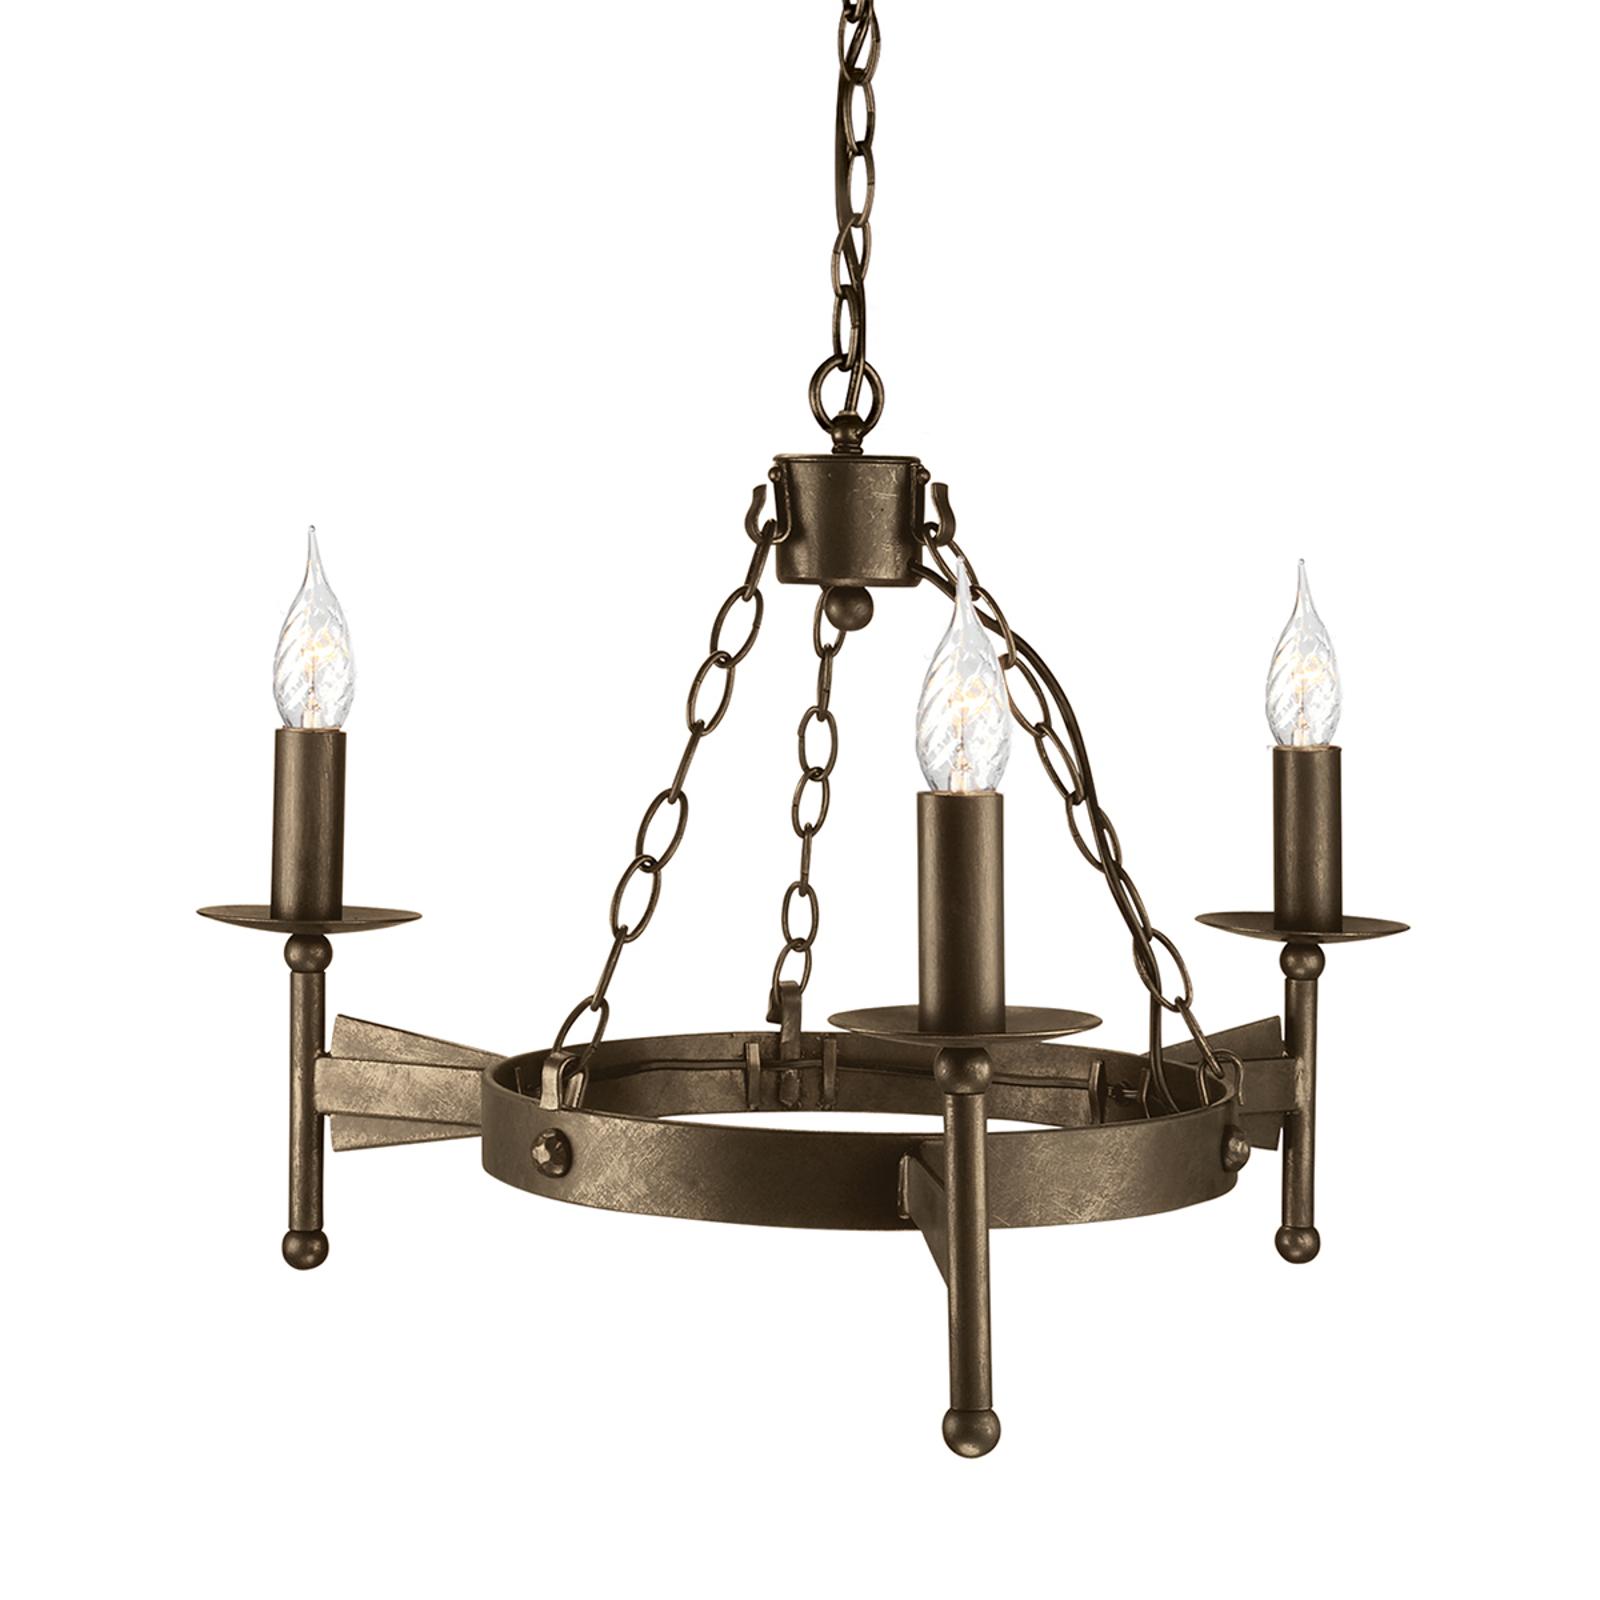 Trearmad taklampa CROMWELL i medeltidsstil